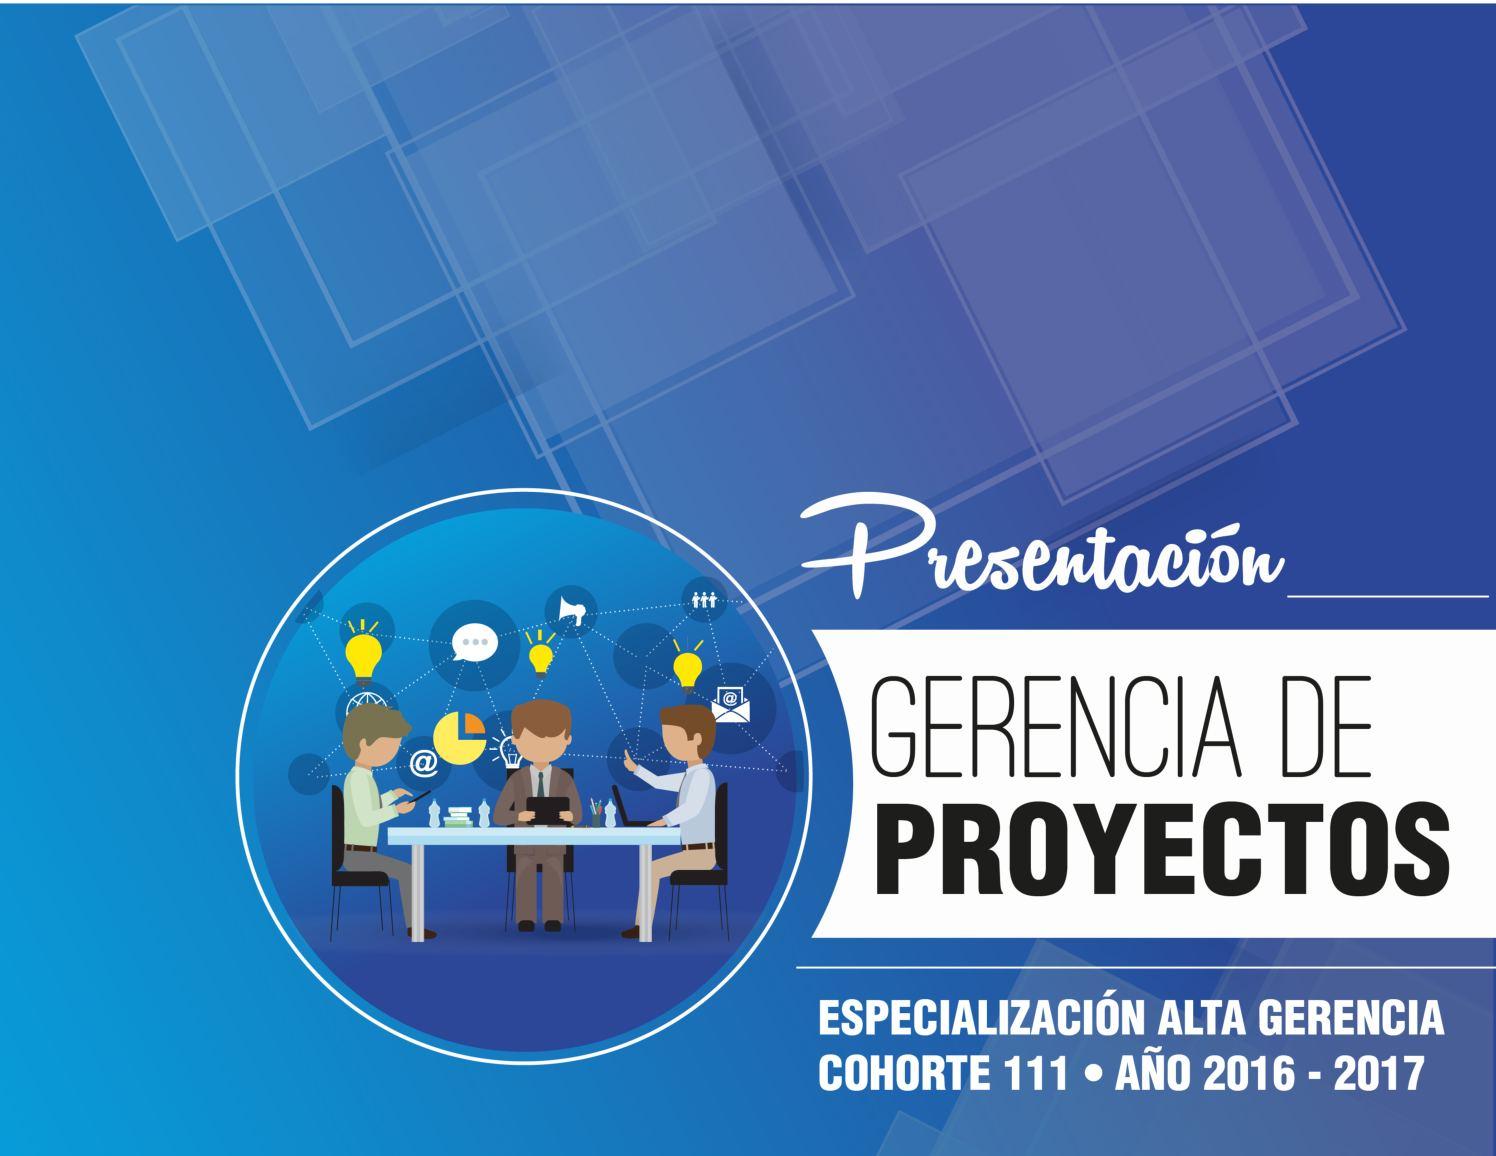 Presentacion Gerencia De Proyectos Alta Gerencia 2017 Estudiantes